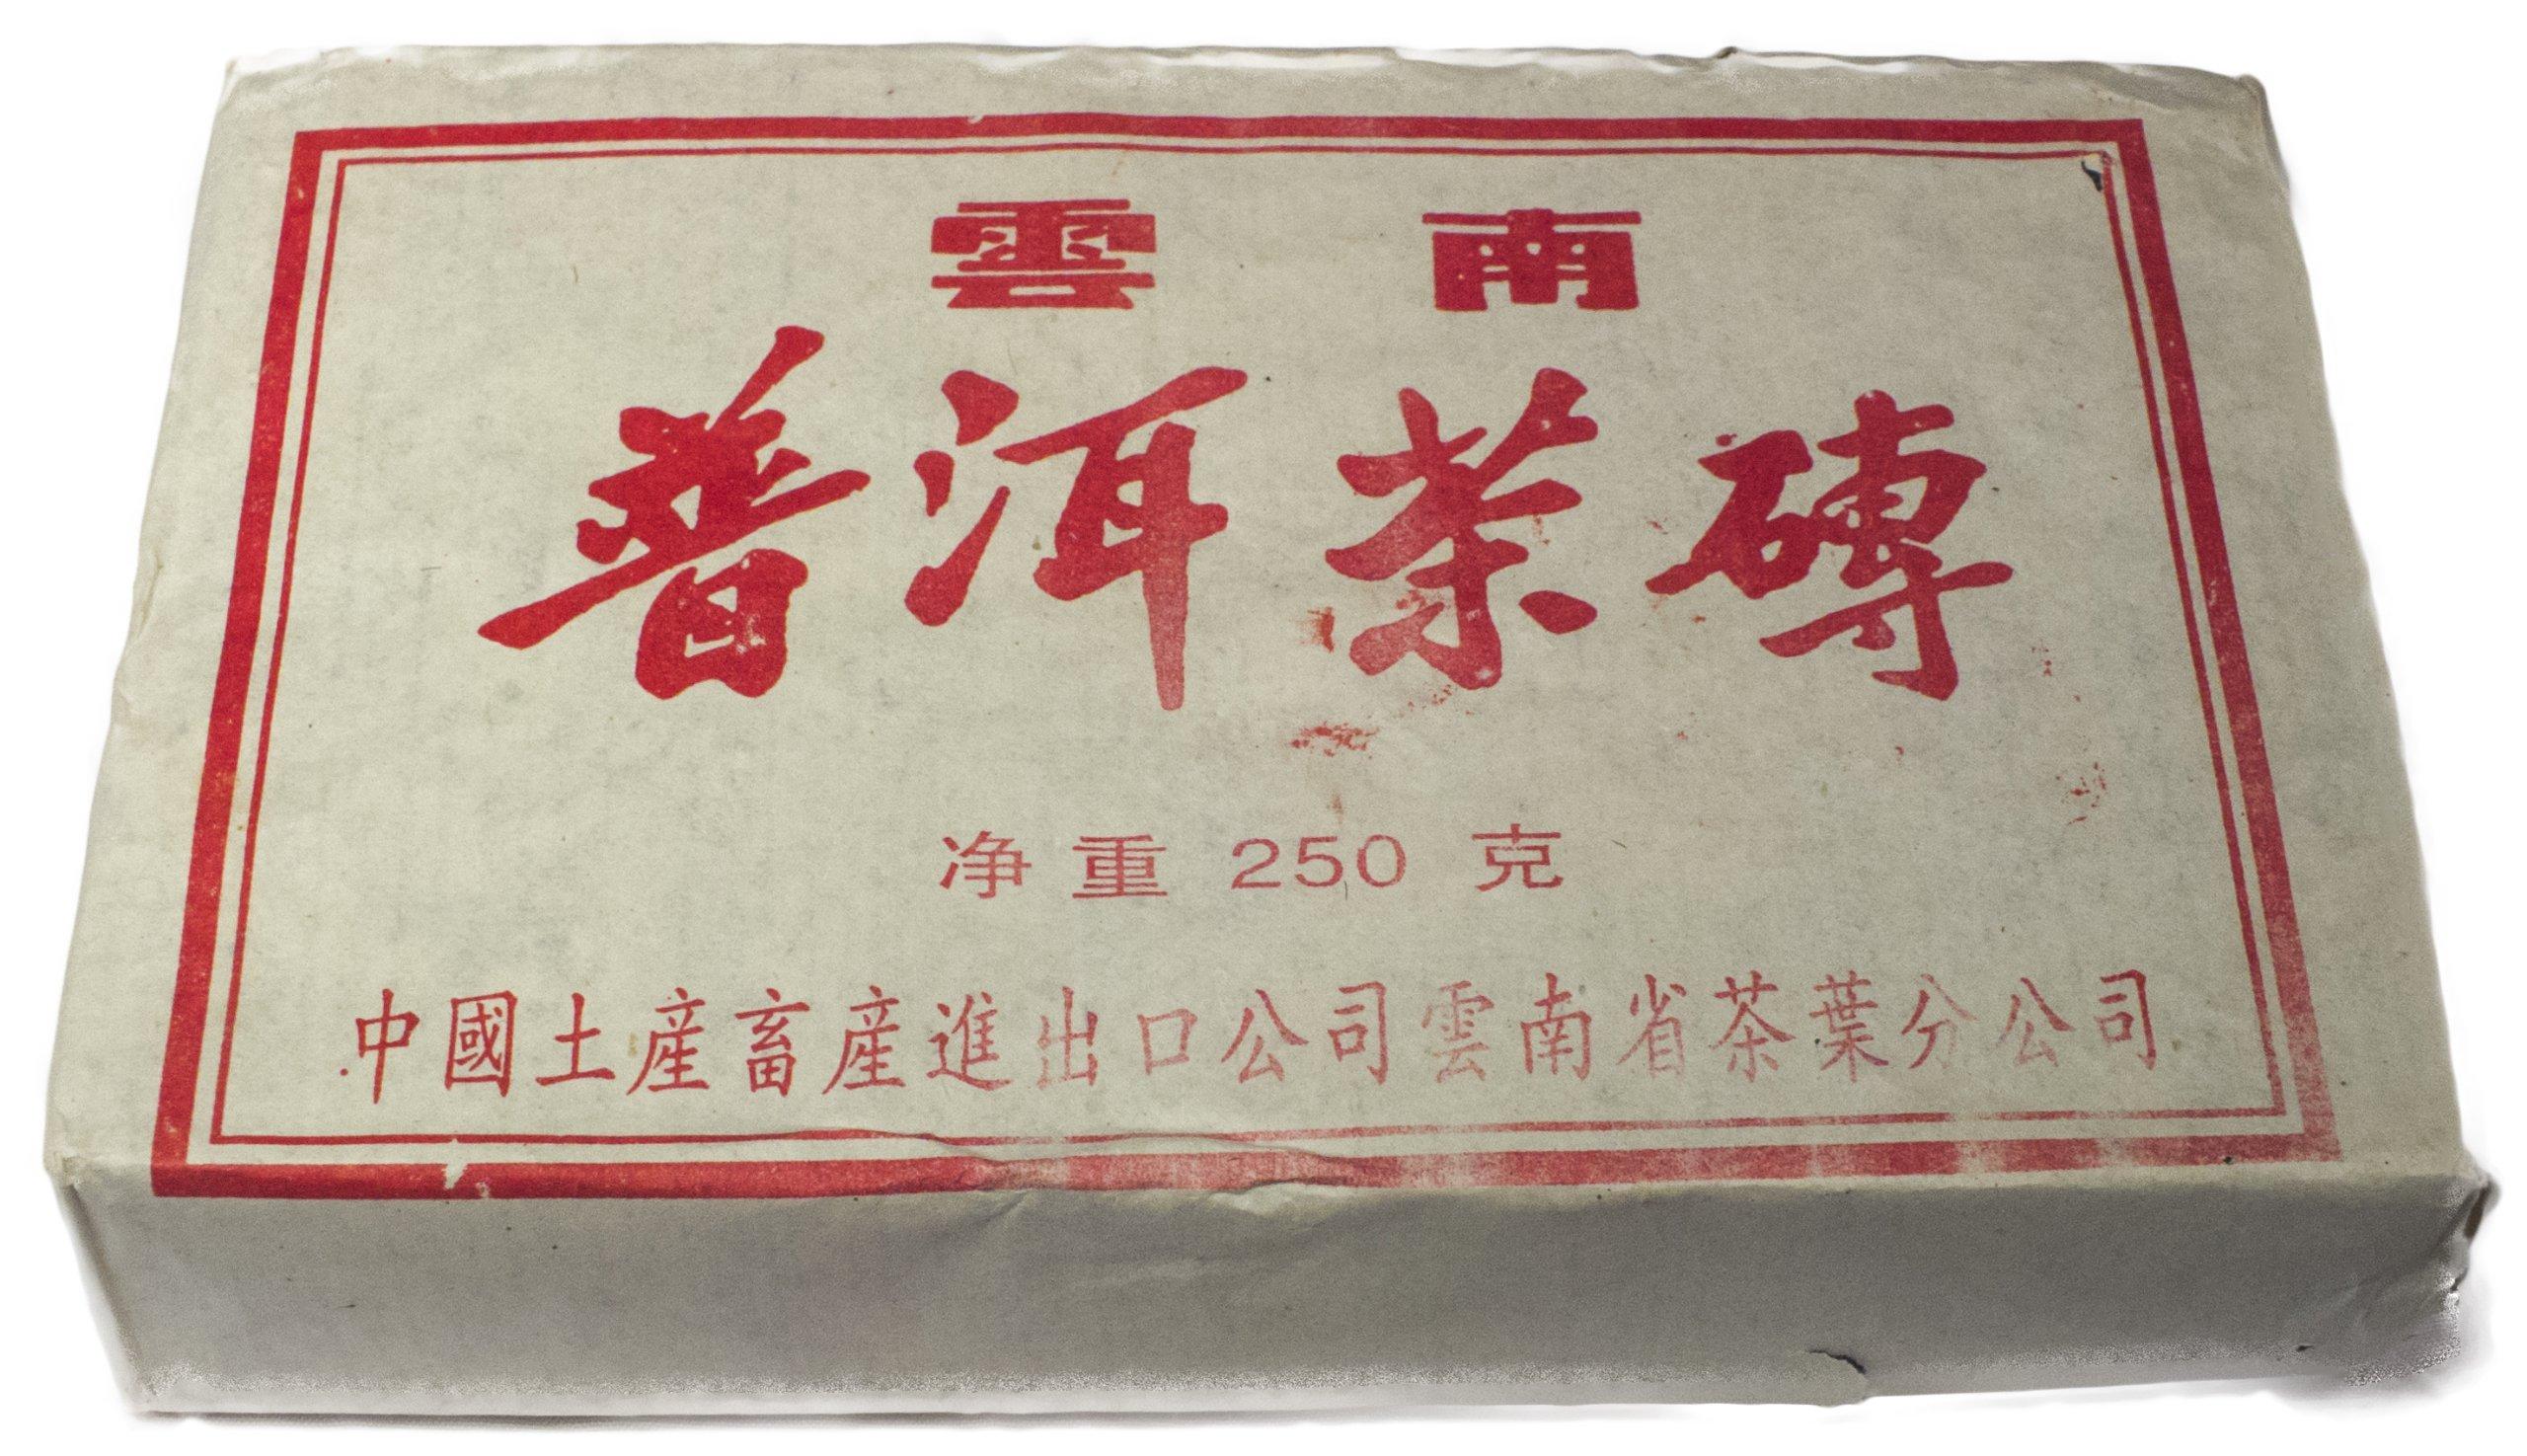 1990 Menghai 250 g Brick ZunCha Tea Leaves - Vintage Pu-erh Teas